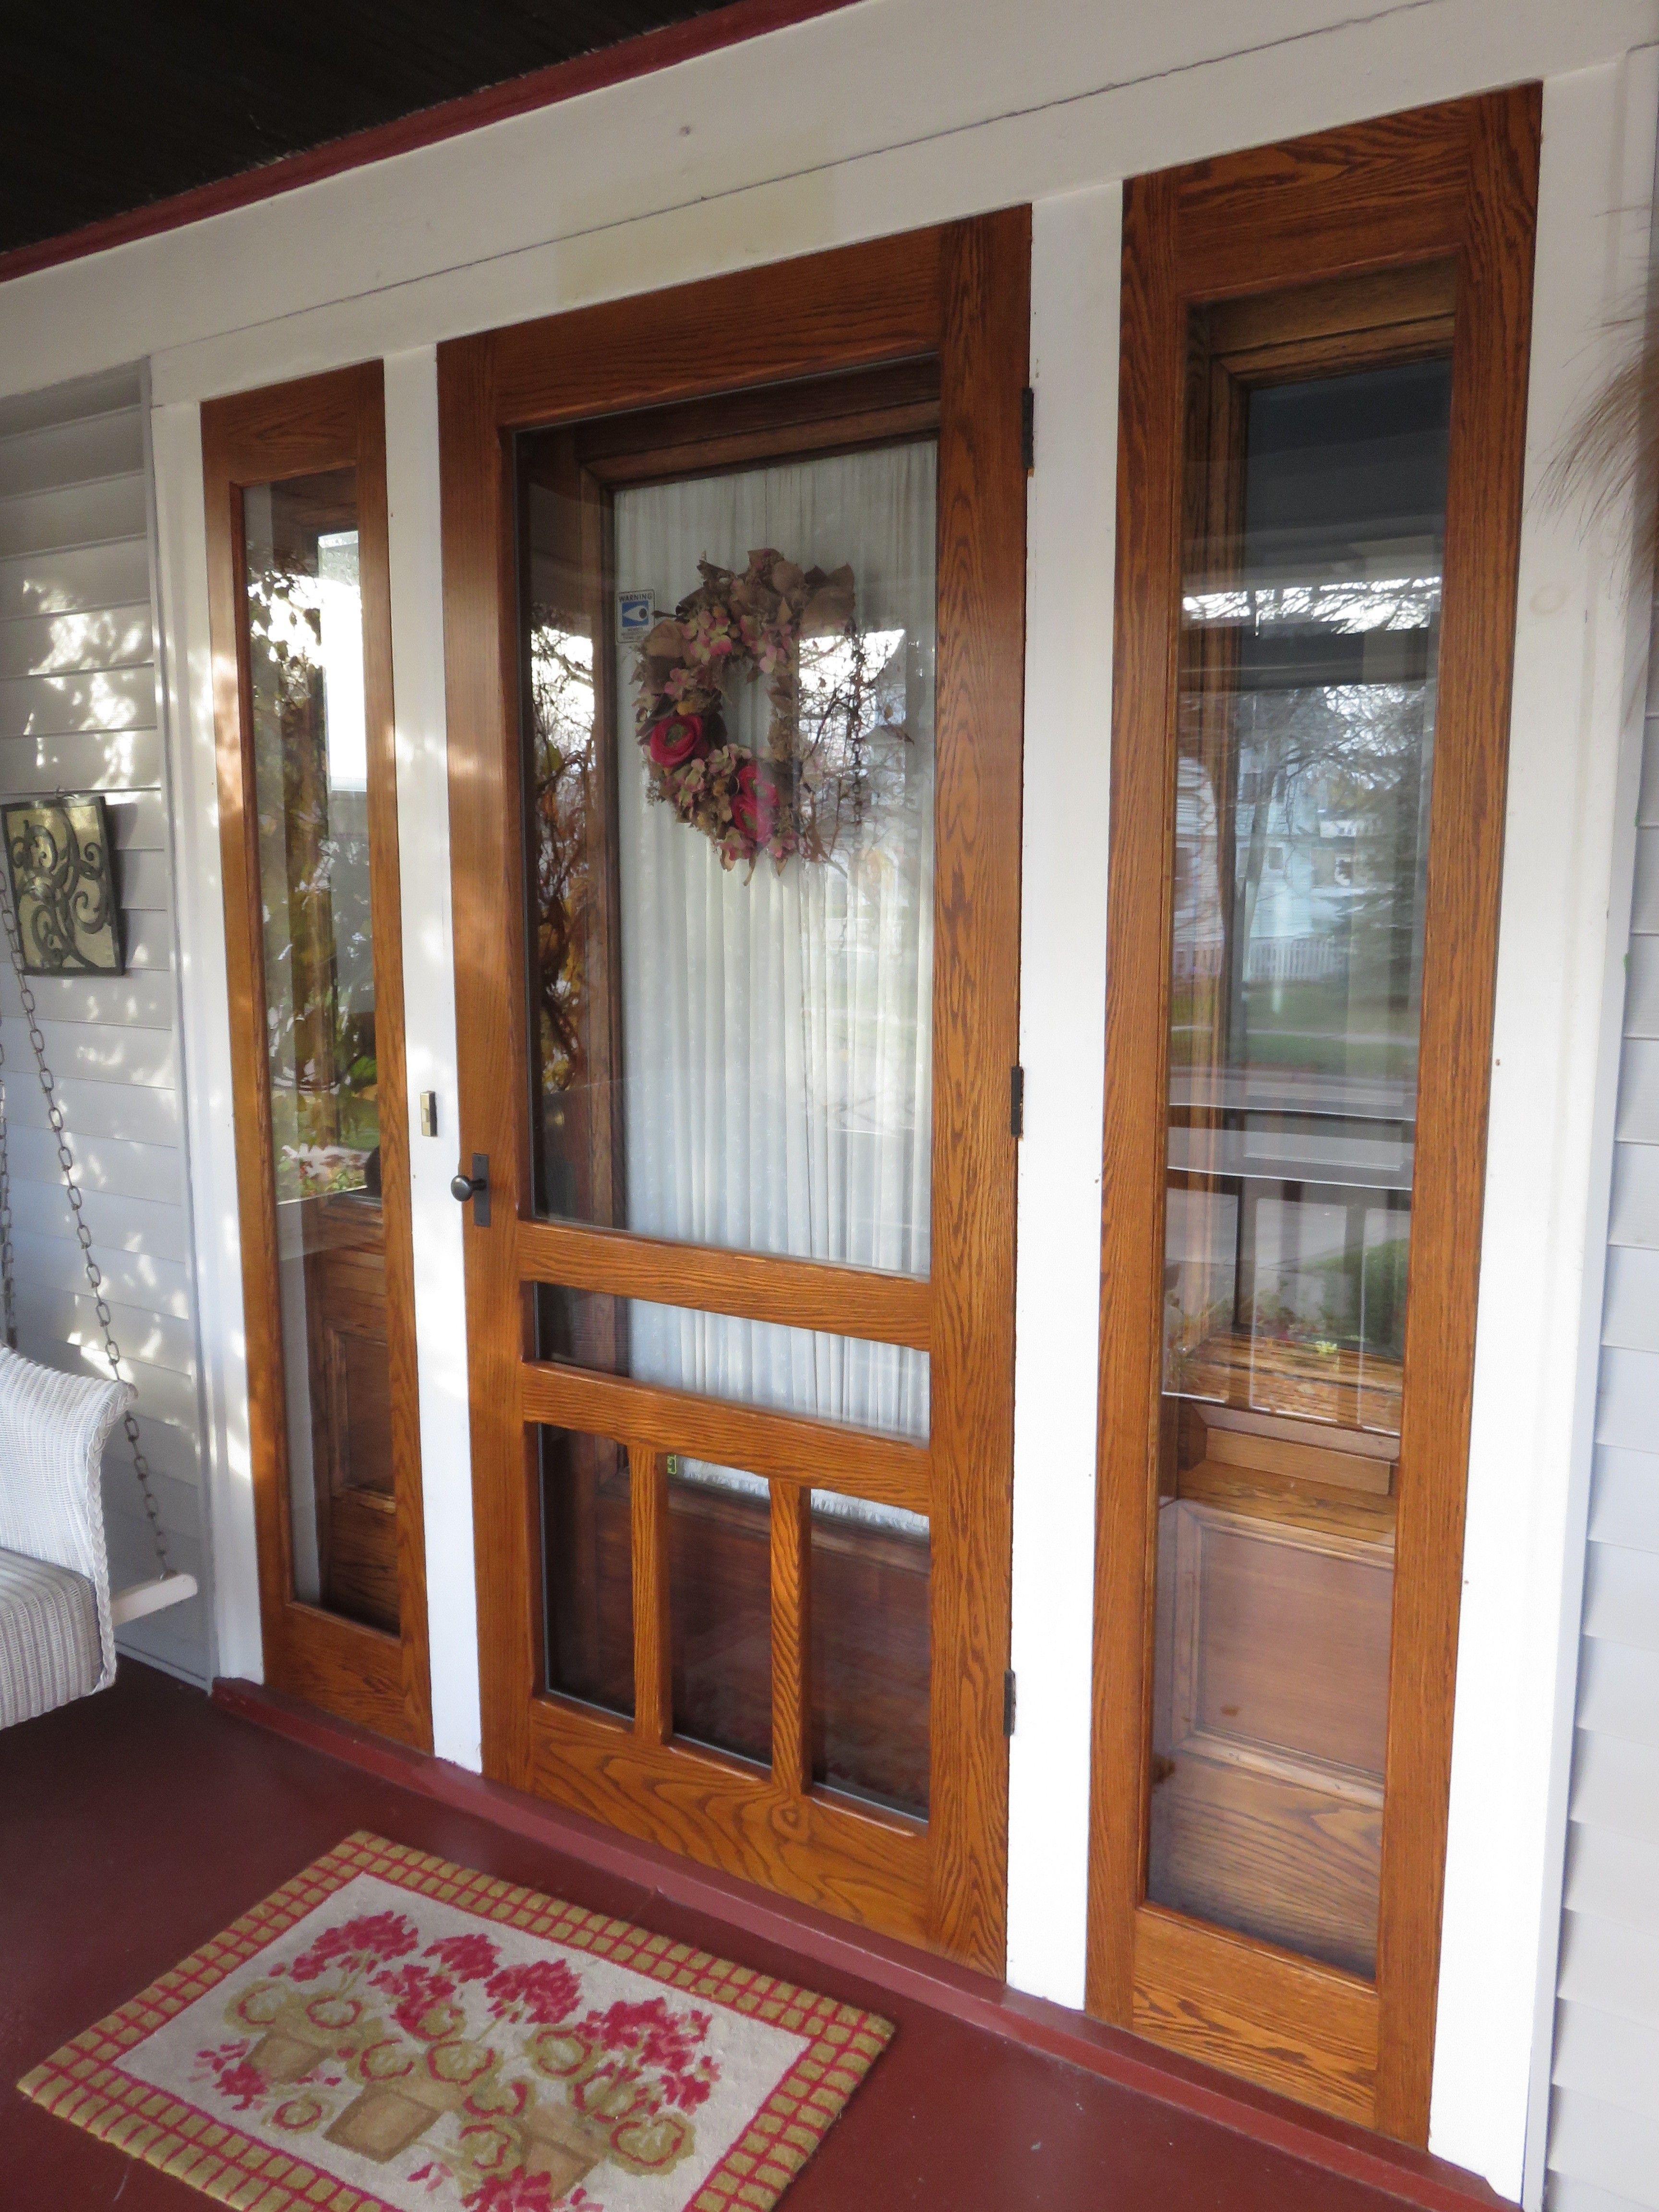 Traditional Screen Storm Doors L Welcome Model Screen Storm Door With Sl 01 Storm Sidelights Http Wooden Screen Door Glass Storm Doors Glass Screen Door